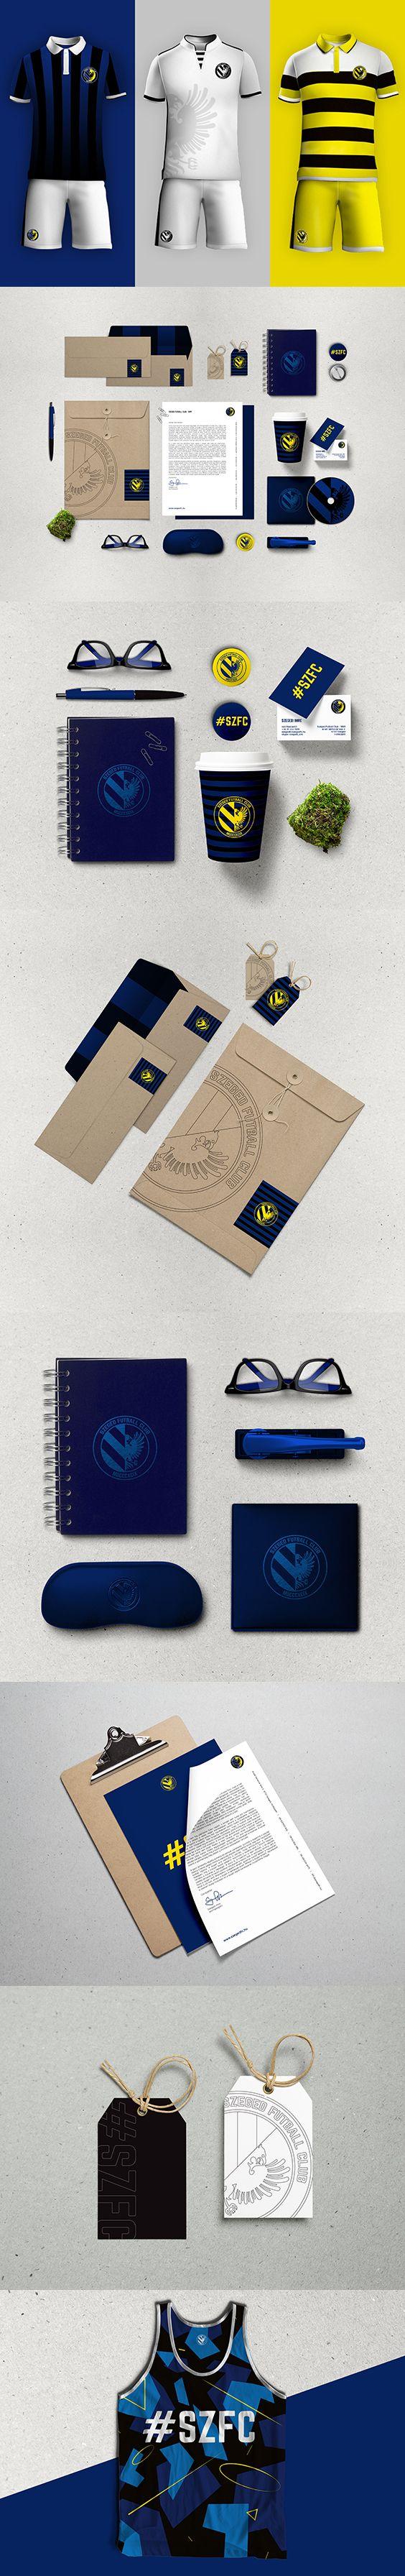 Szeged FC - Branding and kit design by ZIIJN. https://ziijn.myportfolio.com